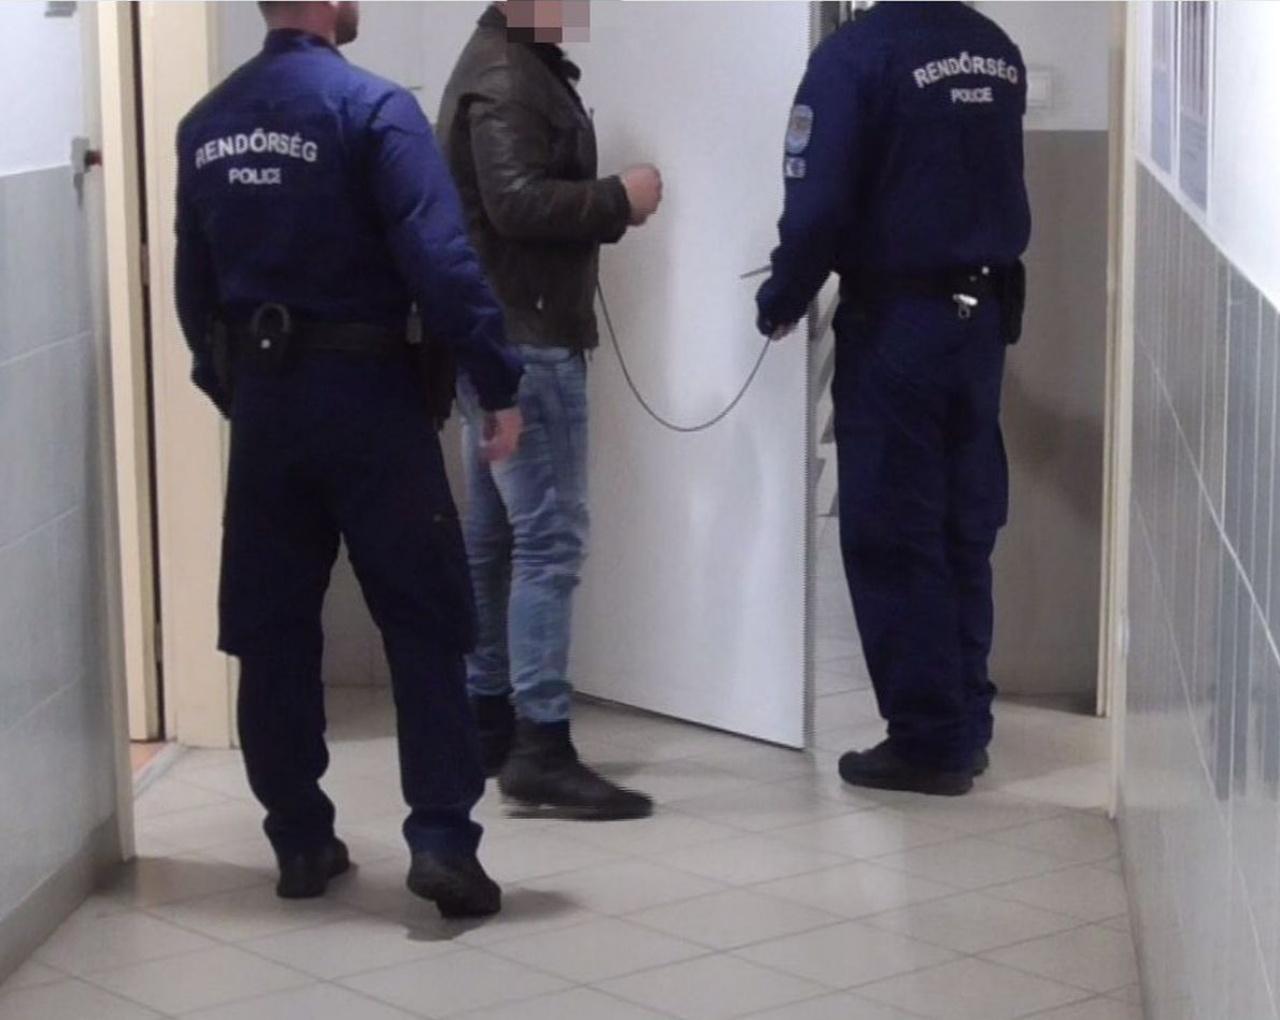 Nyíregyházi rablással gyanúsítják őket – Őrizetben a két férfi